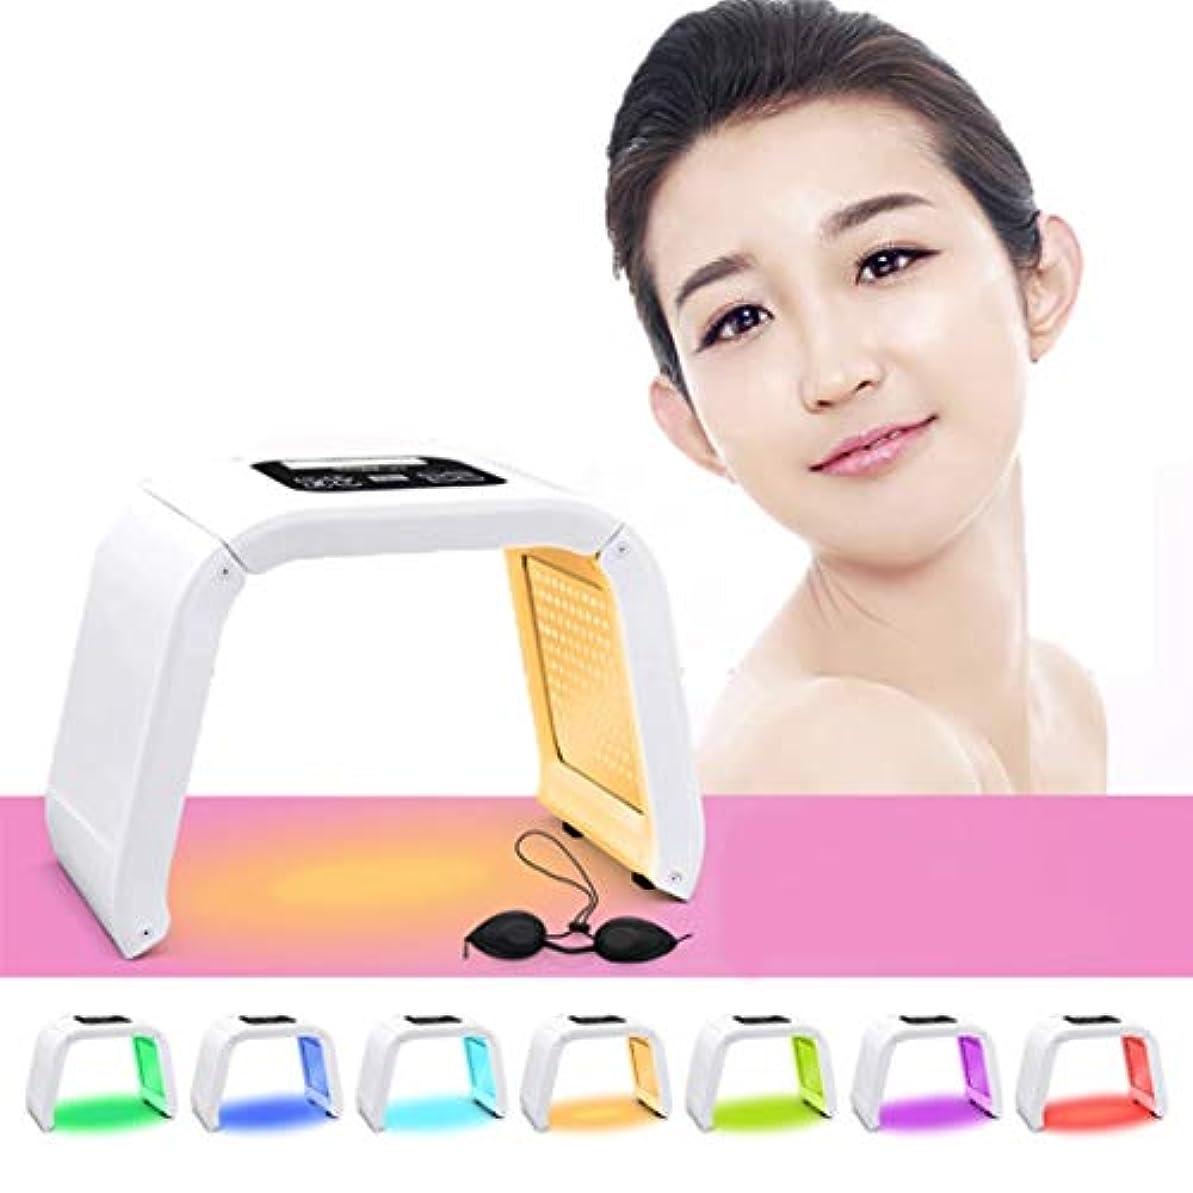 幅反発意味のあるLZPZP 健康な肌のための美容マシンの肌の若返りLED機器、若返りコラーゲンPDTにきび治療しわ除去アンチエイジング LZPZP